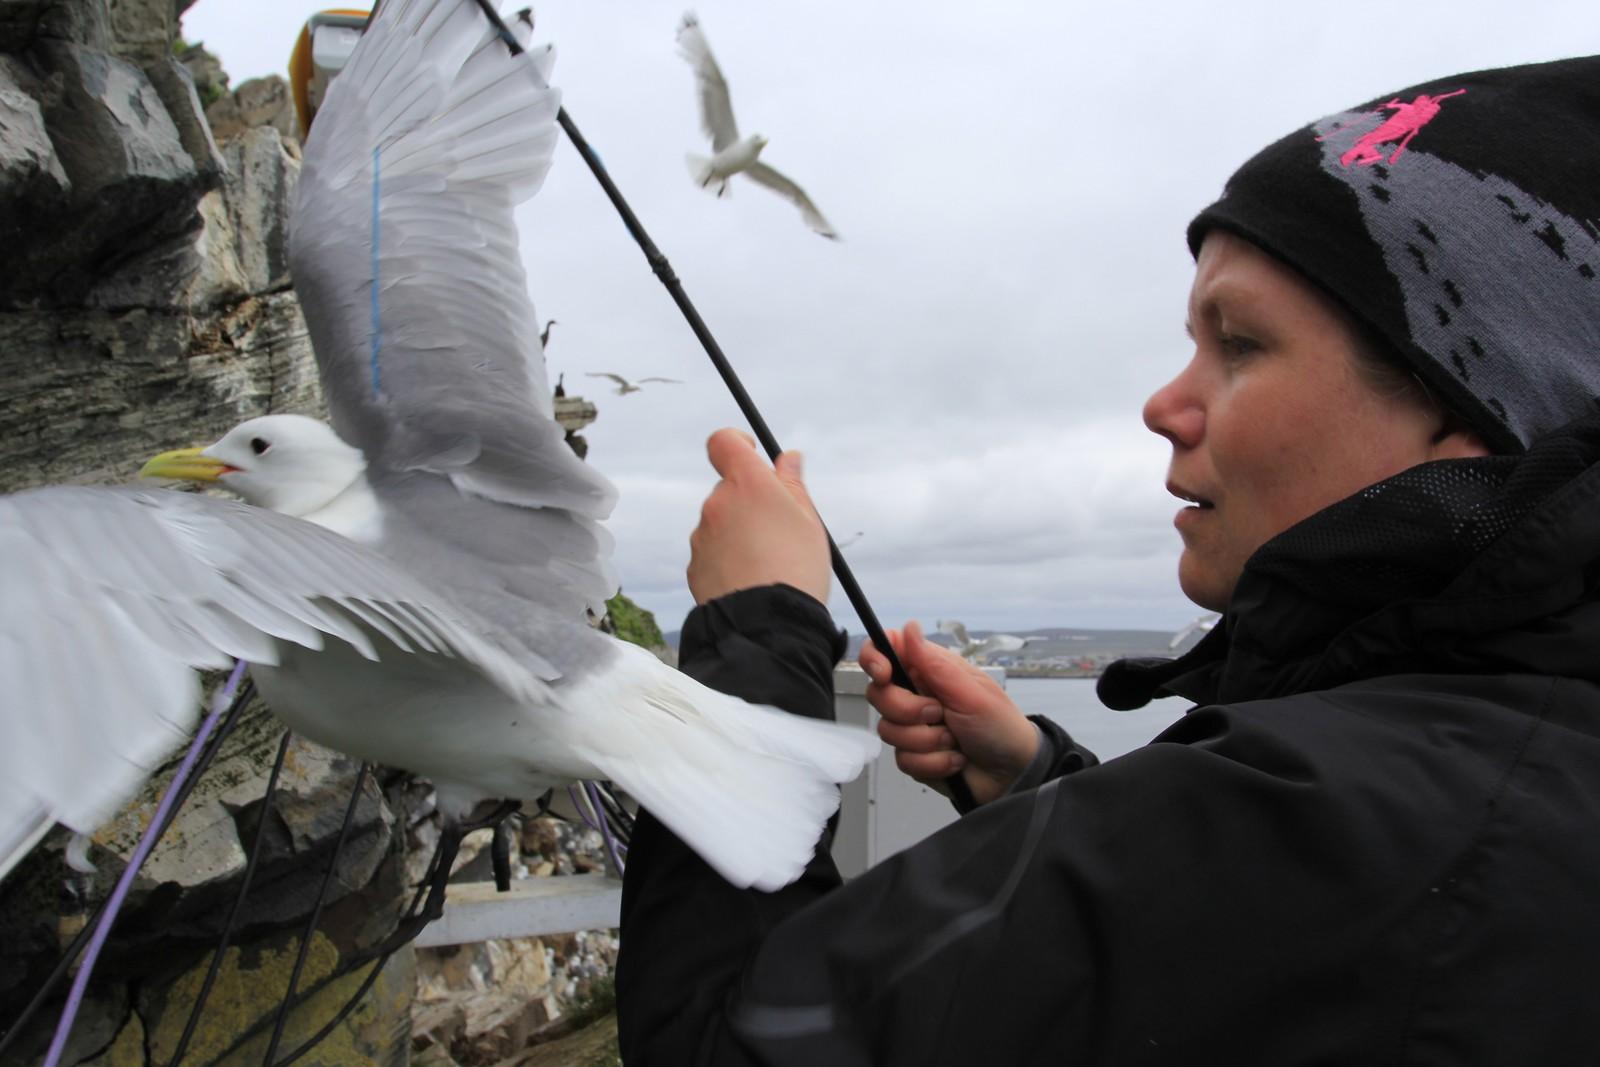 Tone bruker en slags fiskestang med løkke på tuppen, og kan enkelt fange krykkjen som sitter nærmest NRK sitt kamera 1.